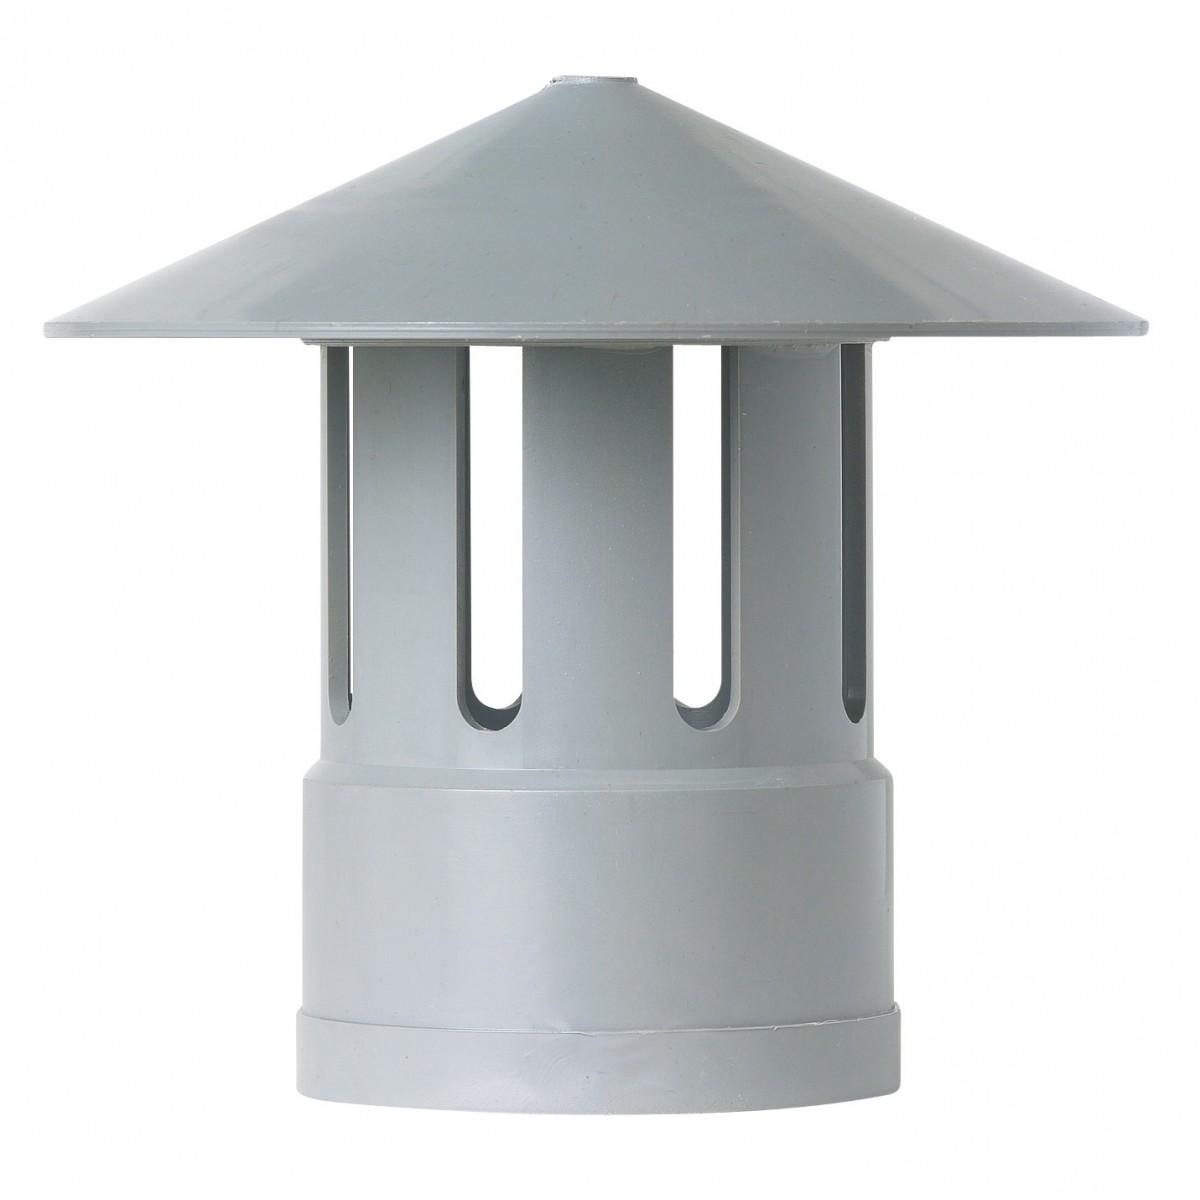 Chapeau à ventilation Girpi - Diamètre 40 mm - Gris